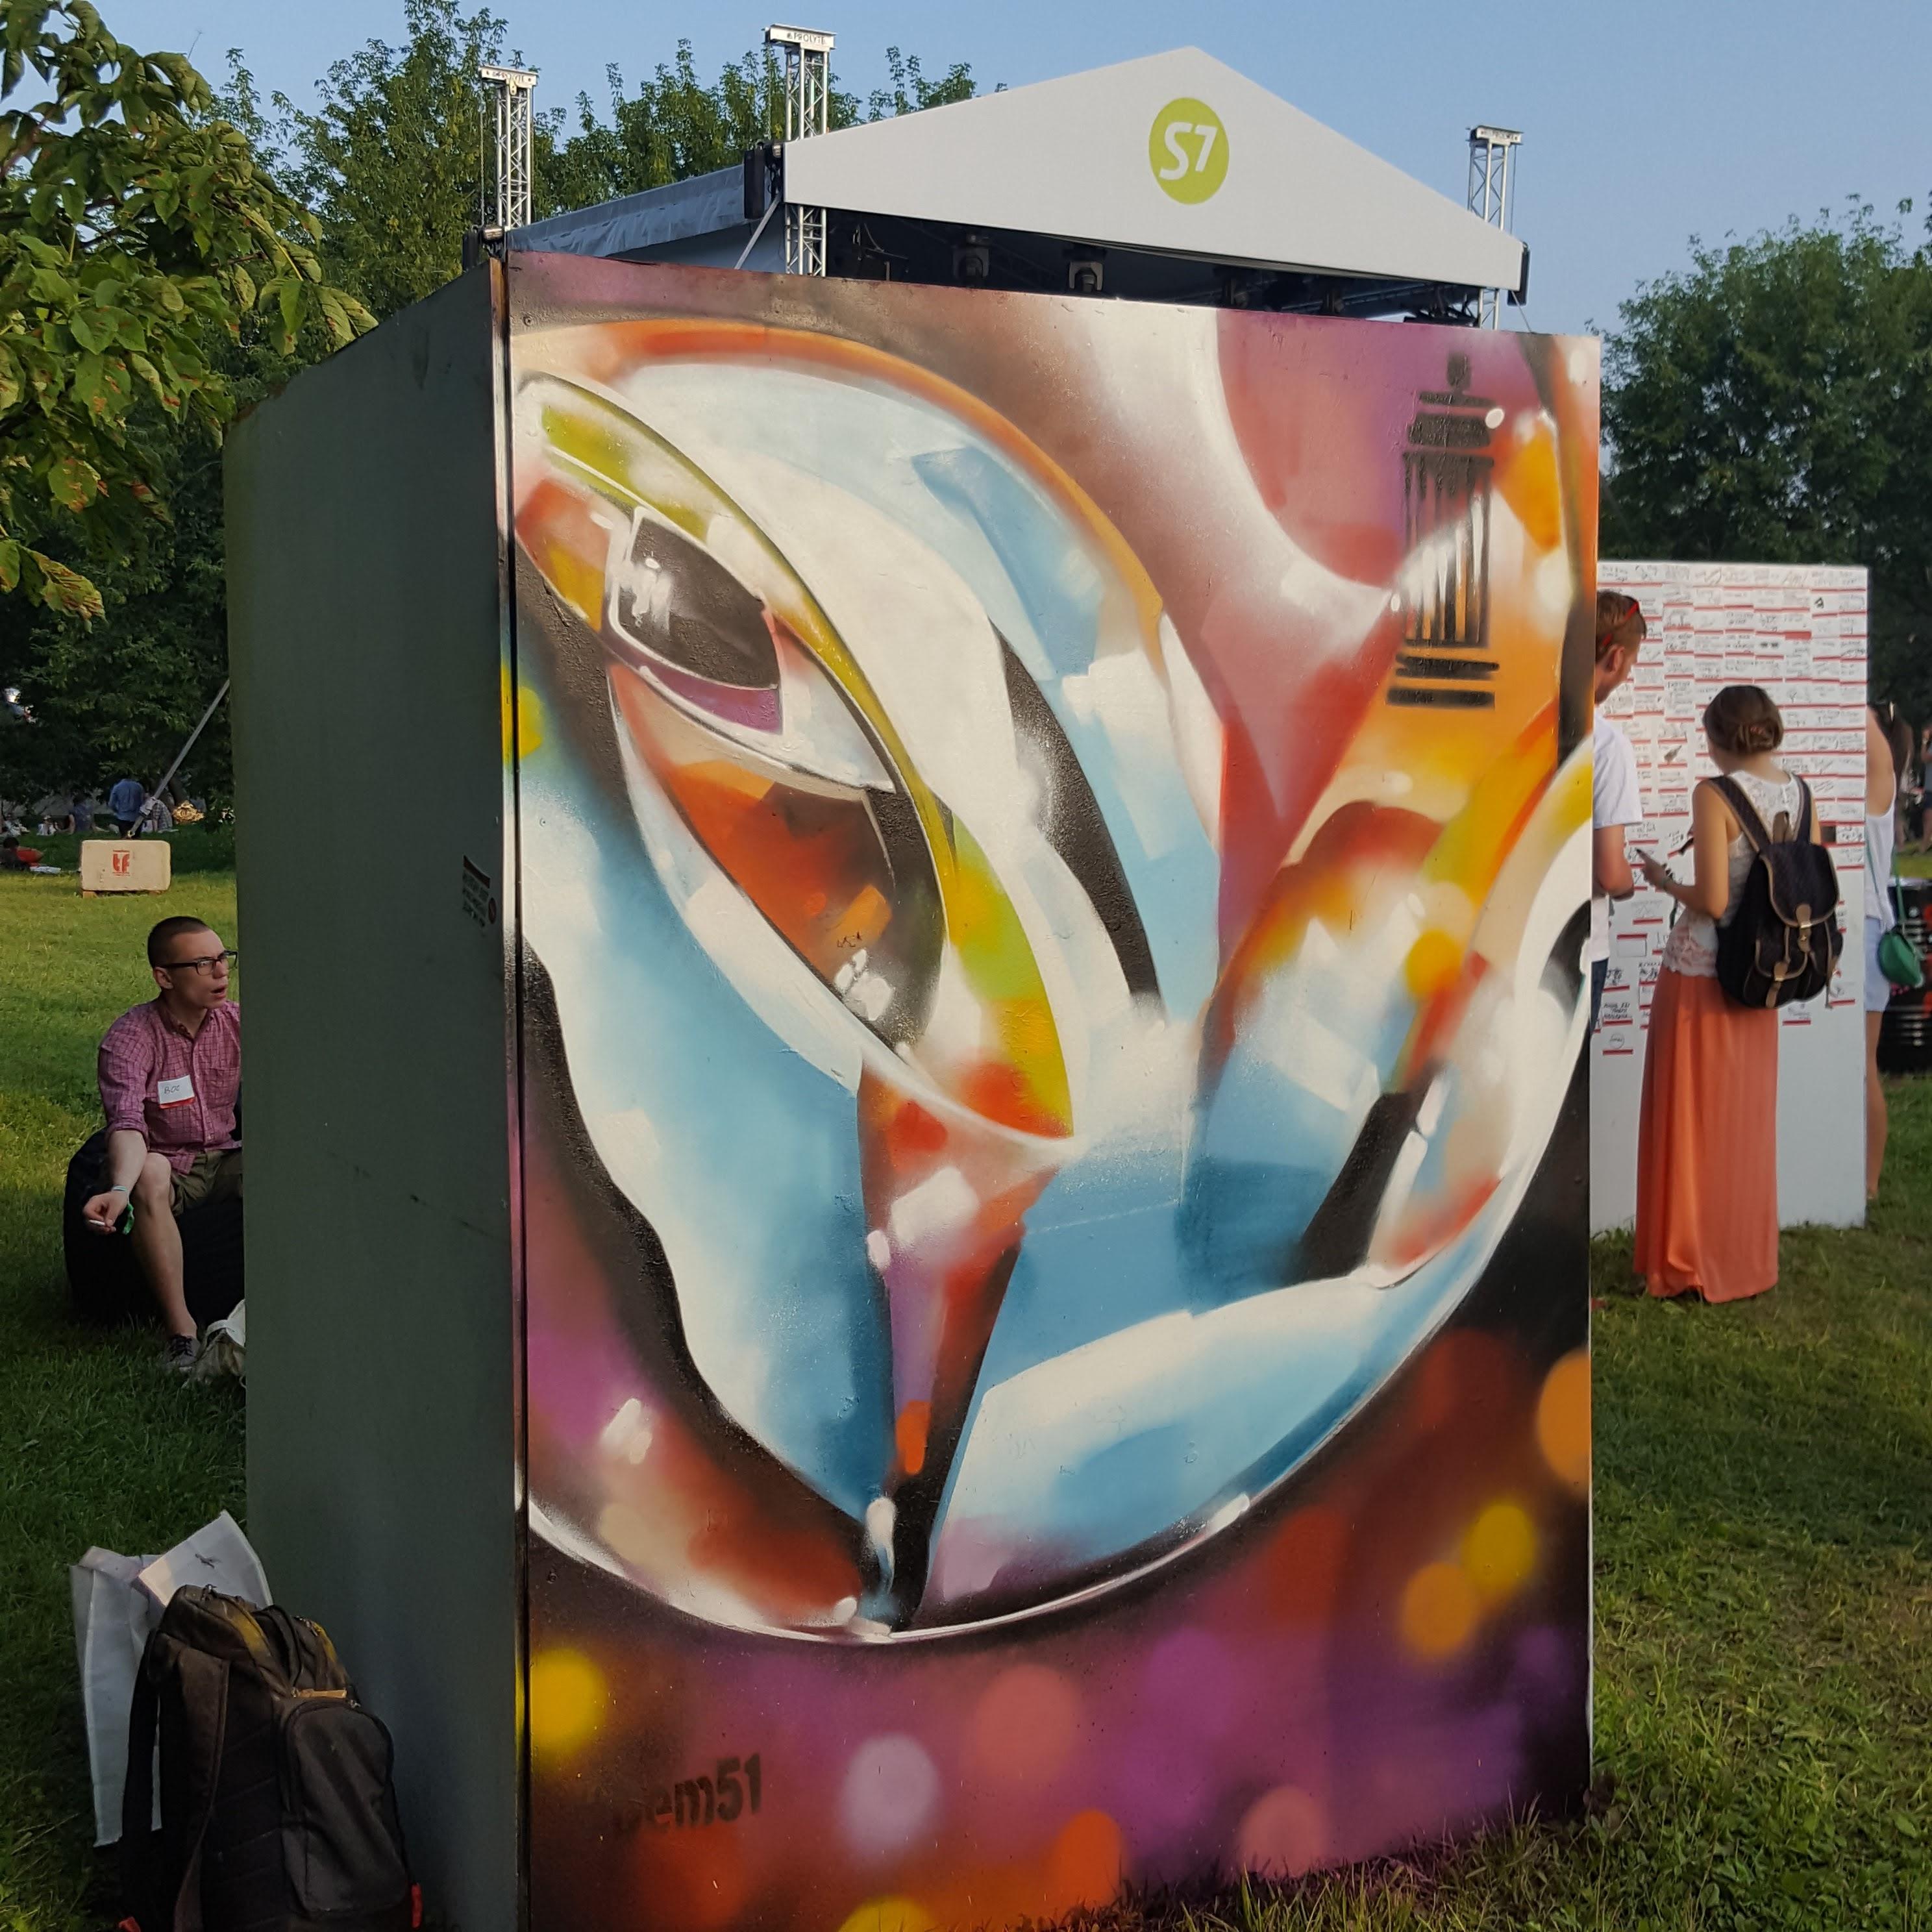 Абстрактная композиция для музея стритарта на фестивале пикник афиша